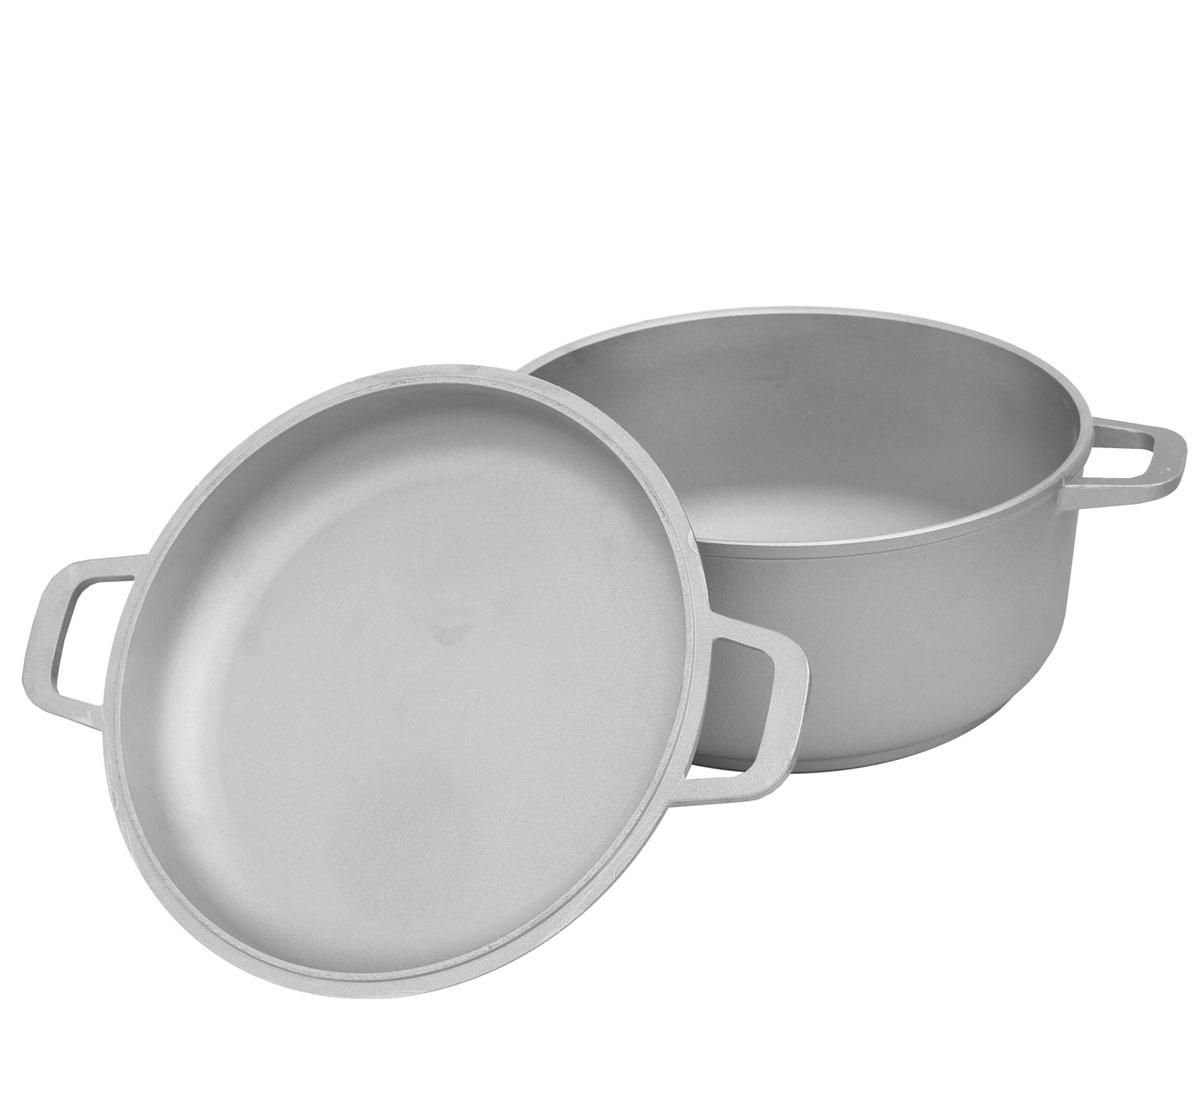 Кастрюля Биол с крышкой-сковородой, 7 л. К702К702Кастрюля Биол выполнена из высококачественного литого алюминия. Изделие оснащено крышкой, которая также может послужить в качестве сковороды. Имеет утолщенное дно. Посуда равномерно распределяет тепло и обладает высокой устойчивостью к деформации, легкая и практичная в эксплуатации, обладает долгим сроком службы. Подходит для использования на электрических, газовых и стеклокерамических плитах. Не подходит для индукционных плит. Можно мыть в посудомоечной машине. Диаметр (по верхнему краю): 28 см. Высота стенки кастрюли: 13,3 см. Высота стенки крышки: 5,5 см. Ширина кастрюли (с учетом ручек): 36,5 см.